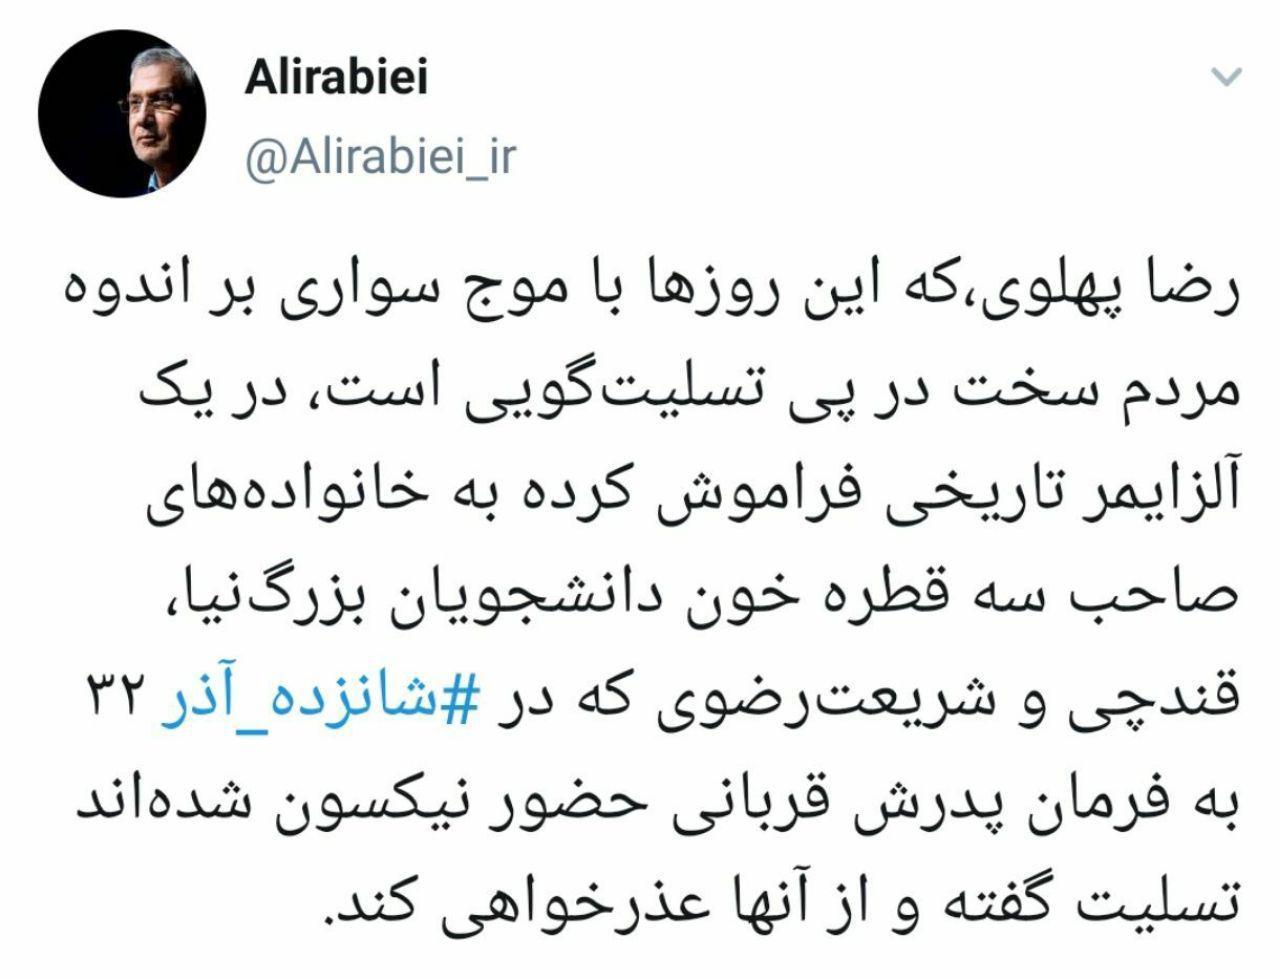 واکنش سخنگوی دولت به تماس تلفنی رضا پهلوی با خانواده کشتهشدگان اعتراضات بنزینی